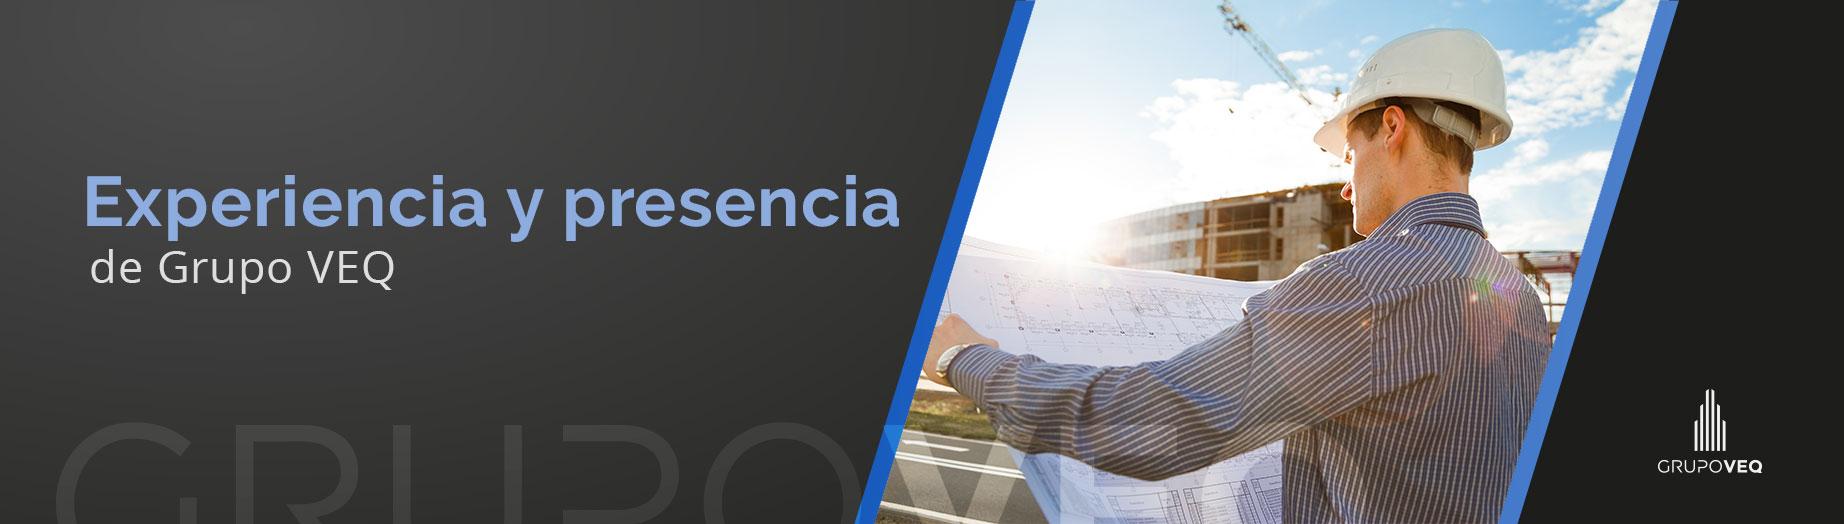 Experiencia-Grupo-VEQ-banner